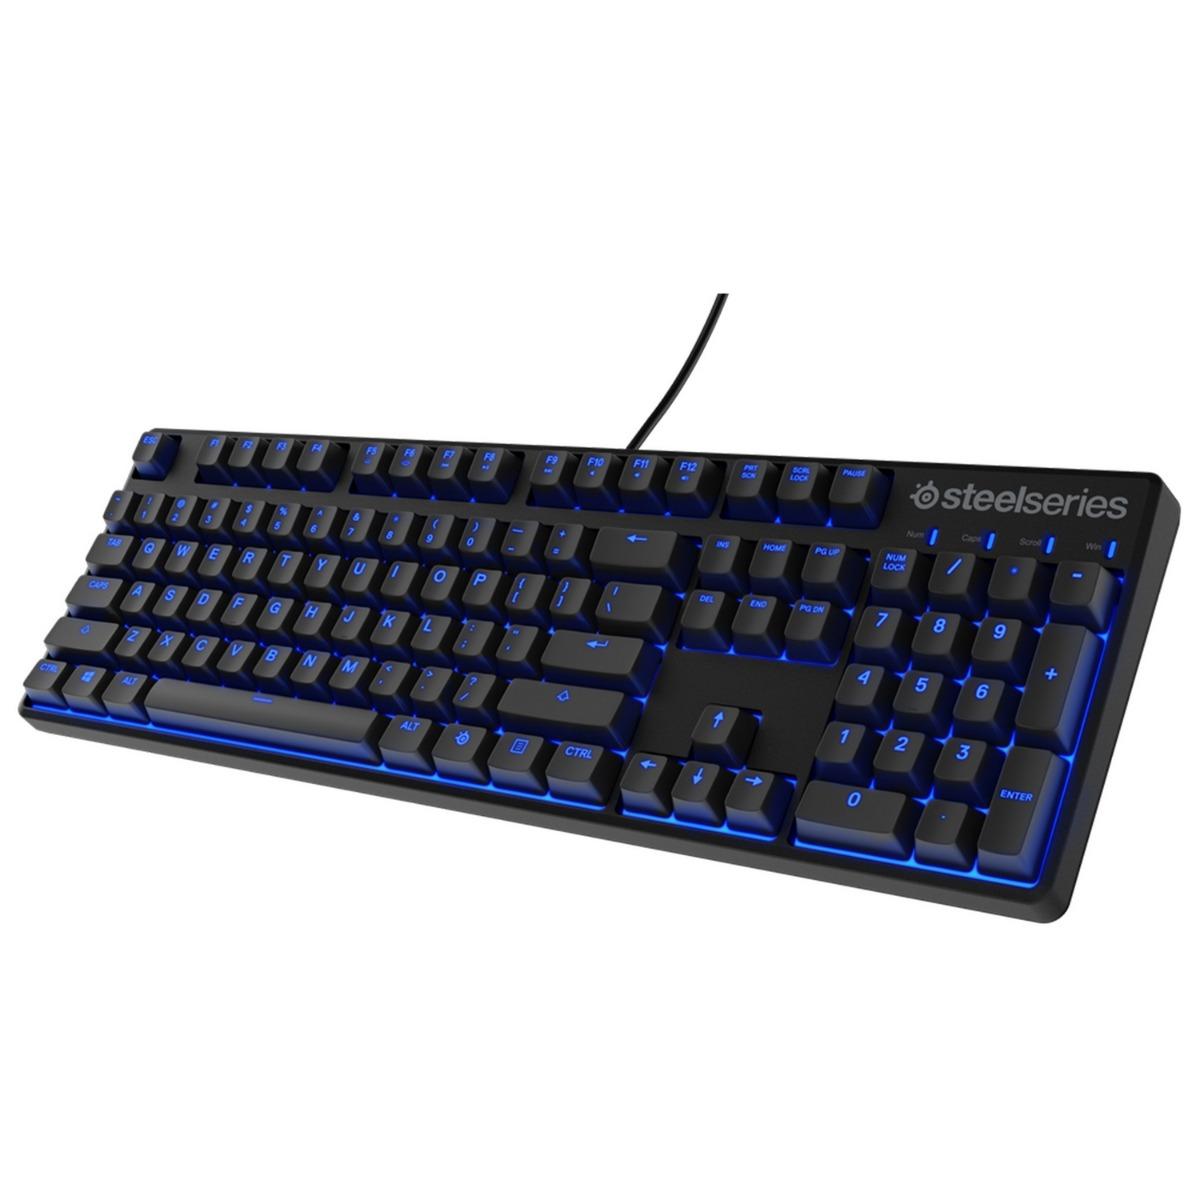 คีย์บอร์ดเกมมิ่ง (สีดำ)  รุ่น Apex M500 - Cherry MX Blue (US)